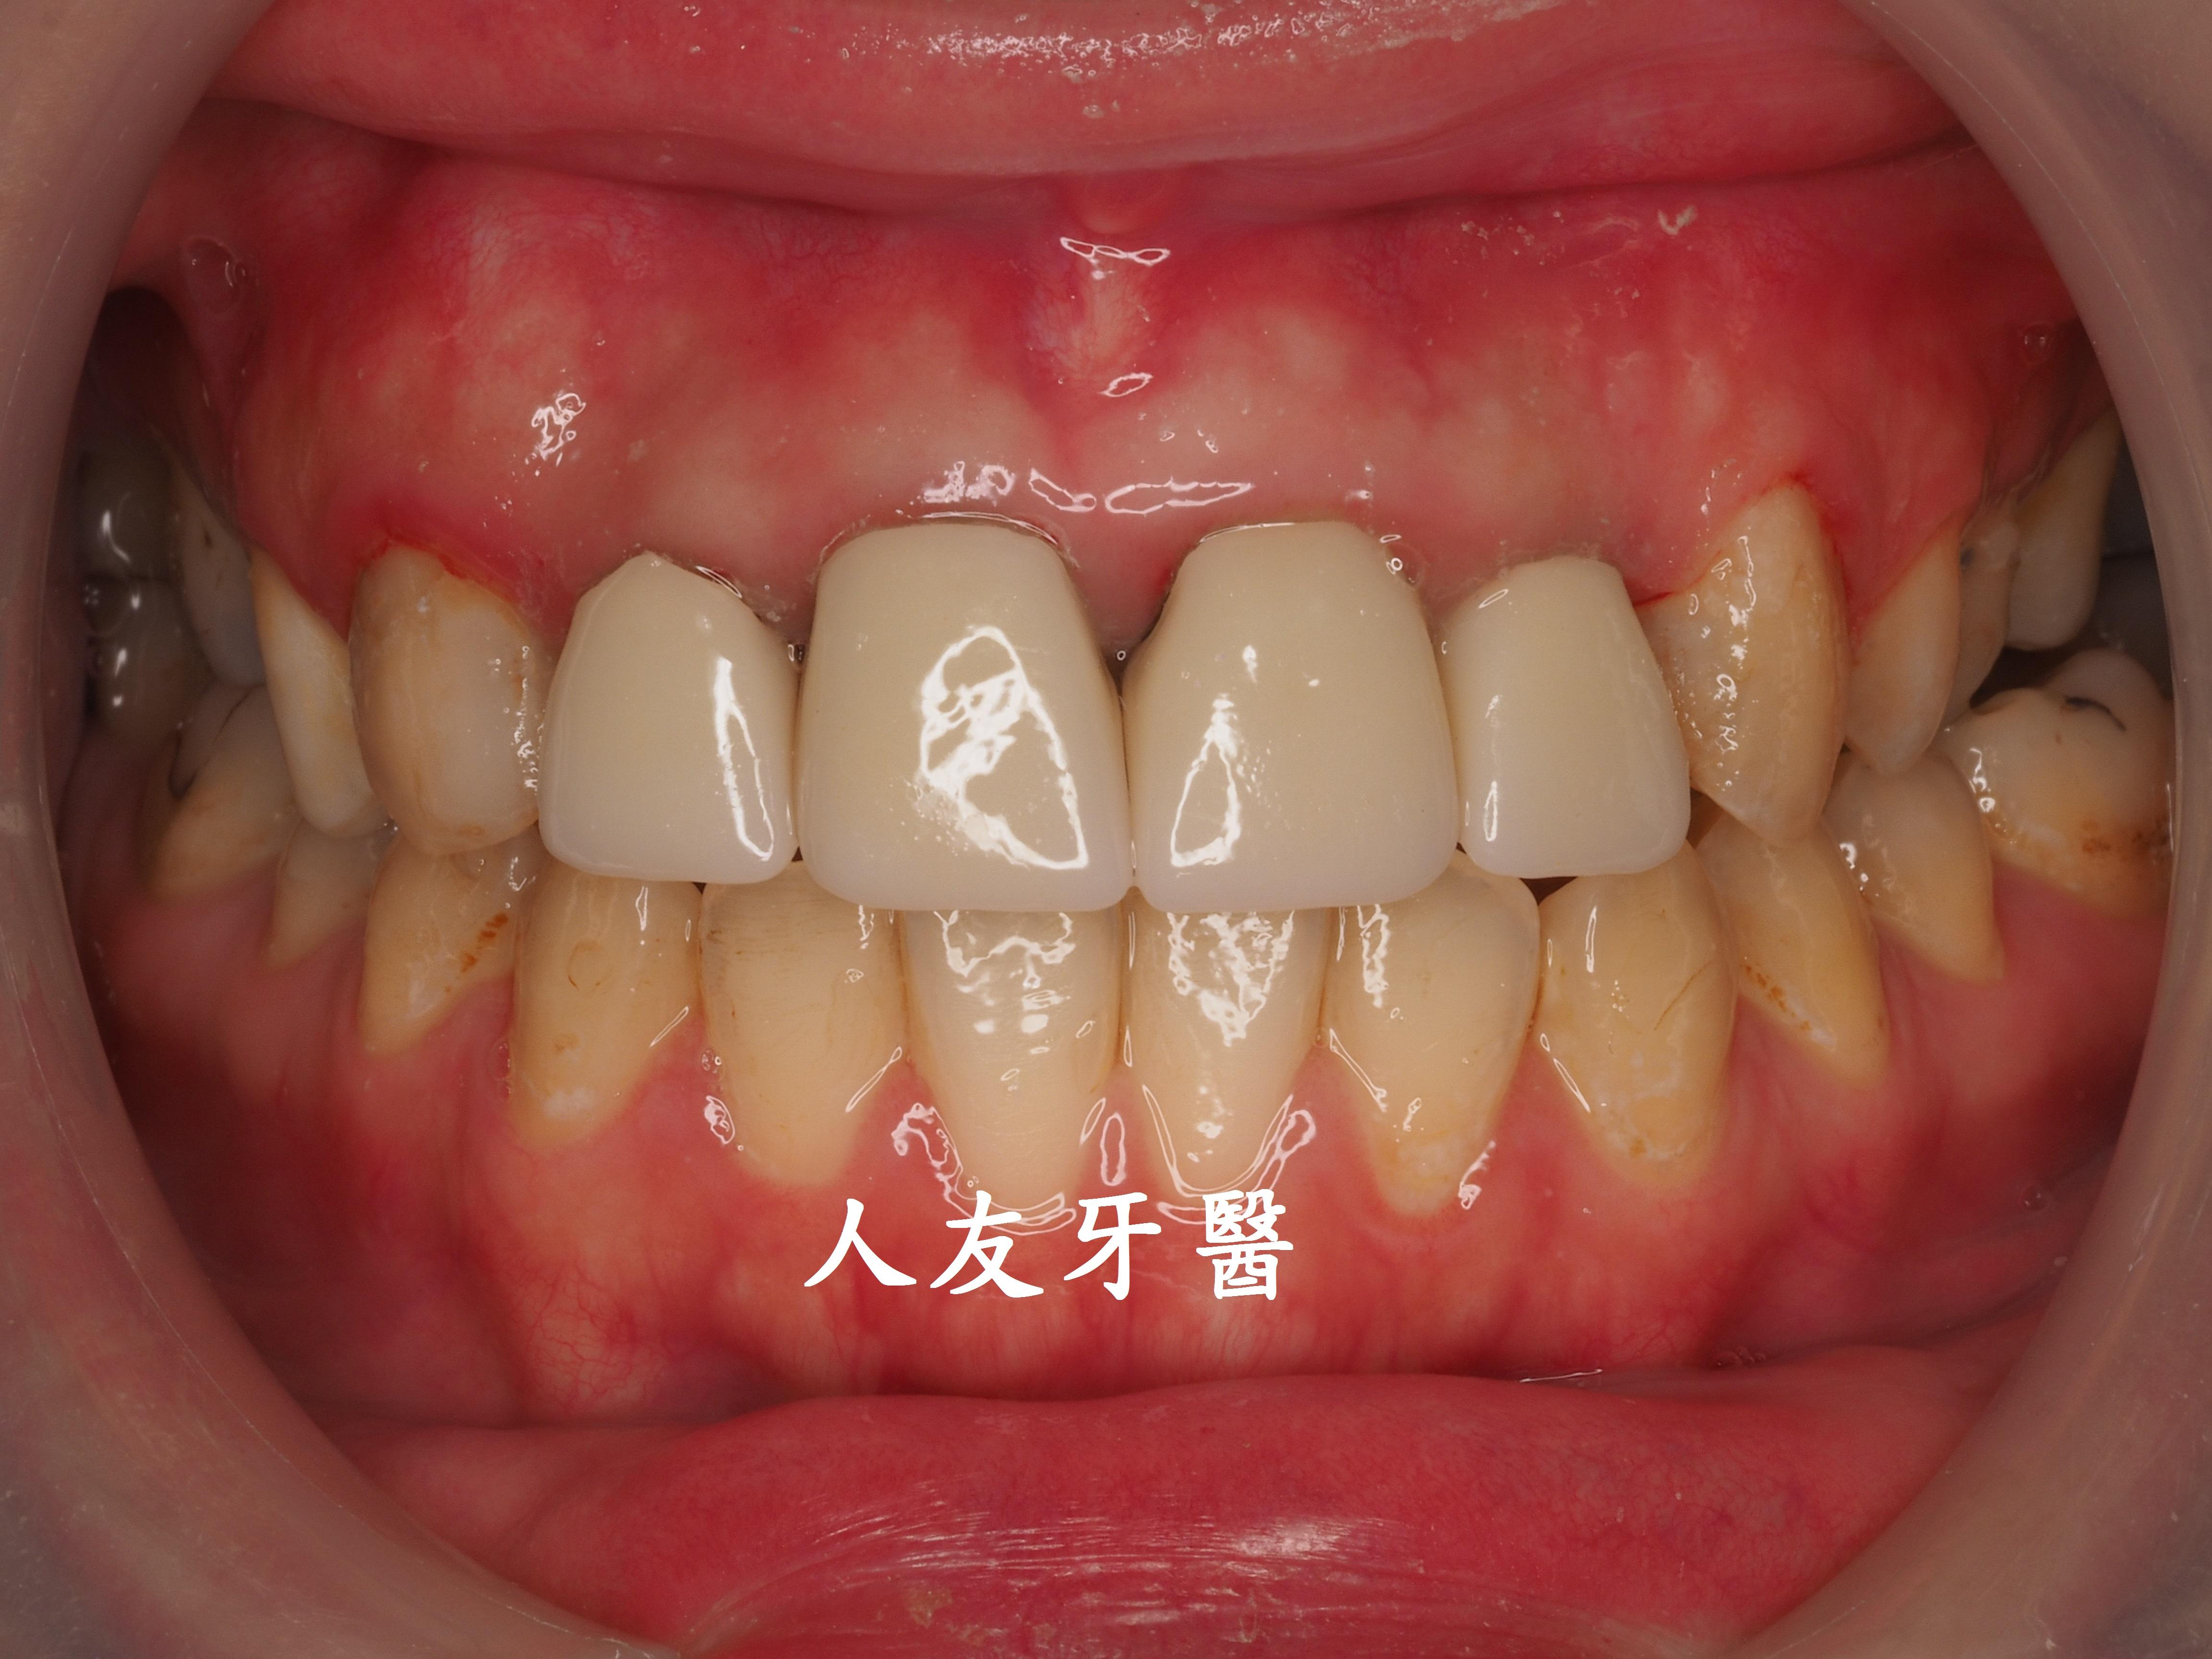 舊式金屬門牙 vs. 數位設計全鋯牙(案例分享) – 人友牙醫 RenU